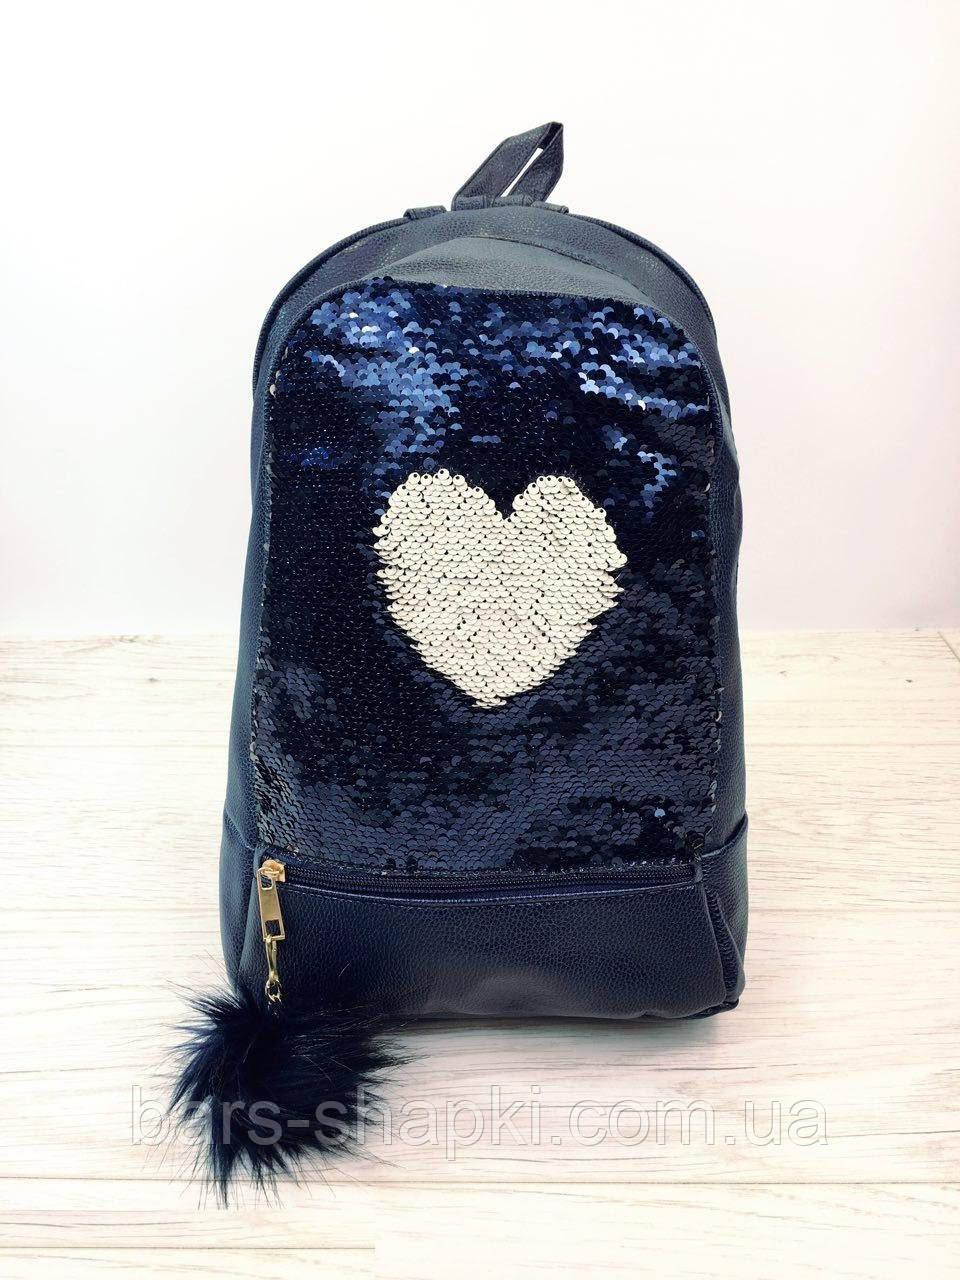 Стильный рюкзак двусторонними пайетками и меховым помпоном. Цвет синий -  Интернет магазин